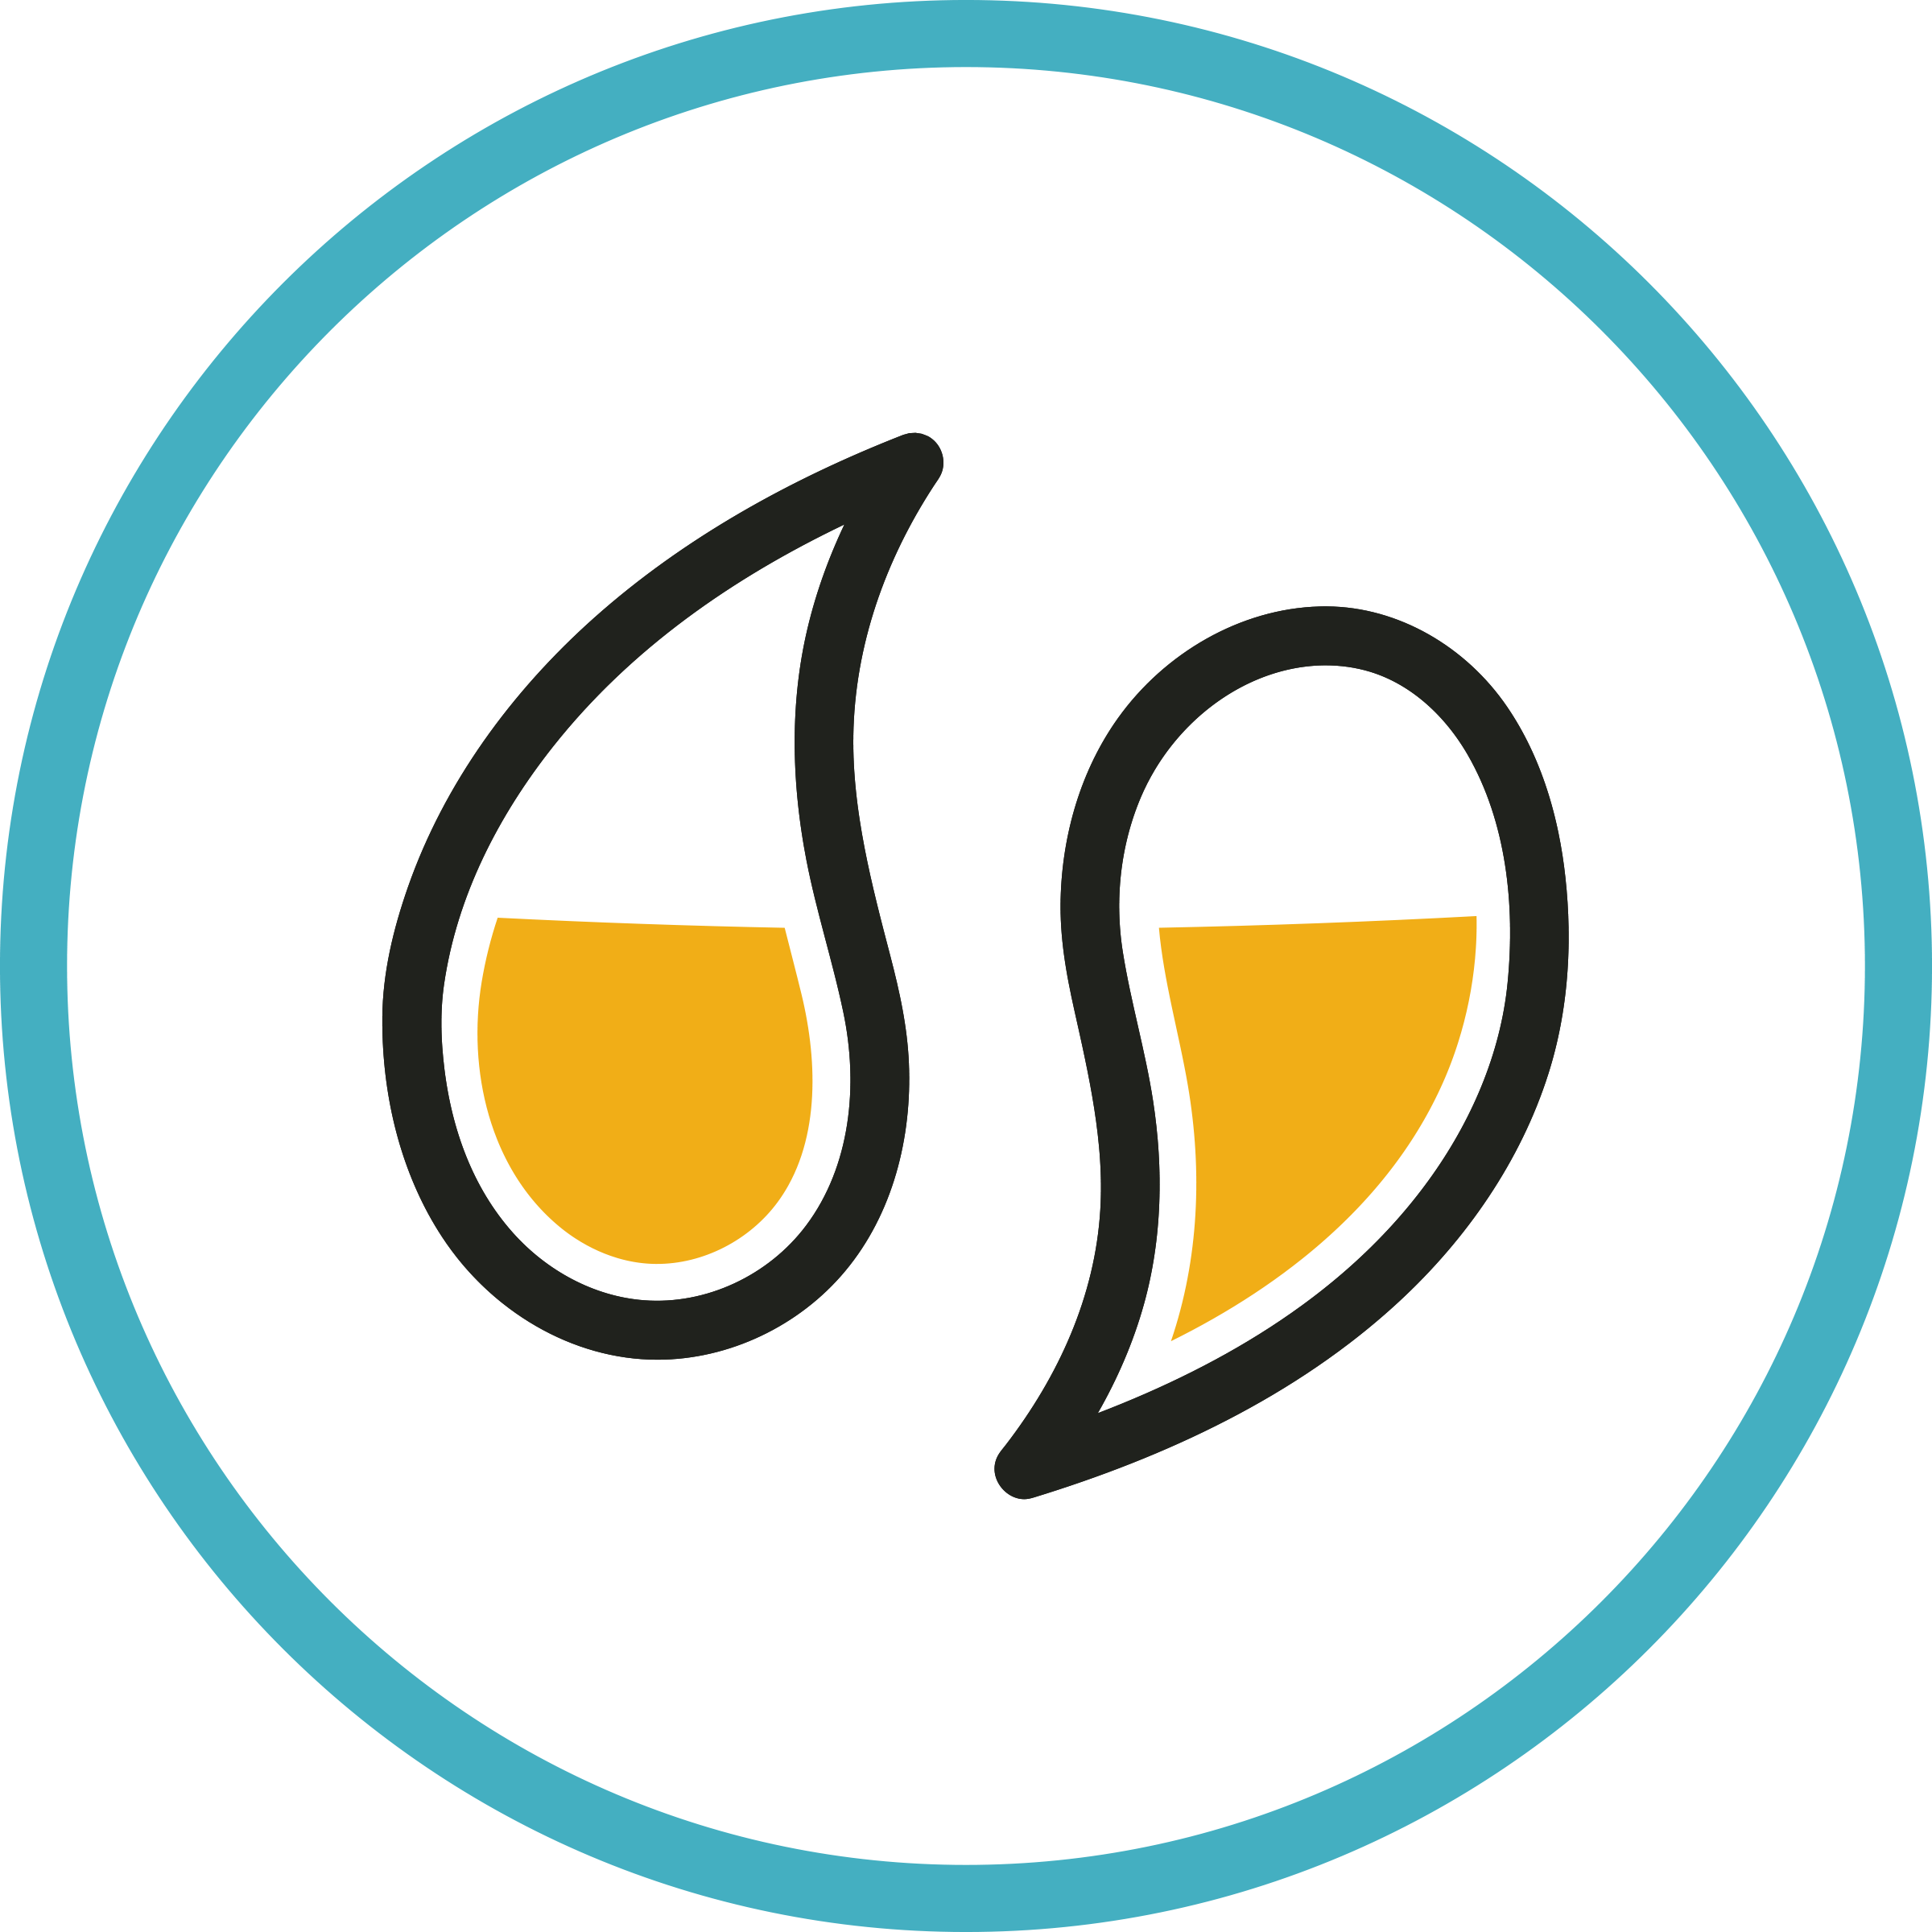 icon-drop-C